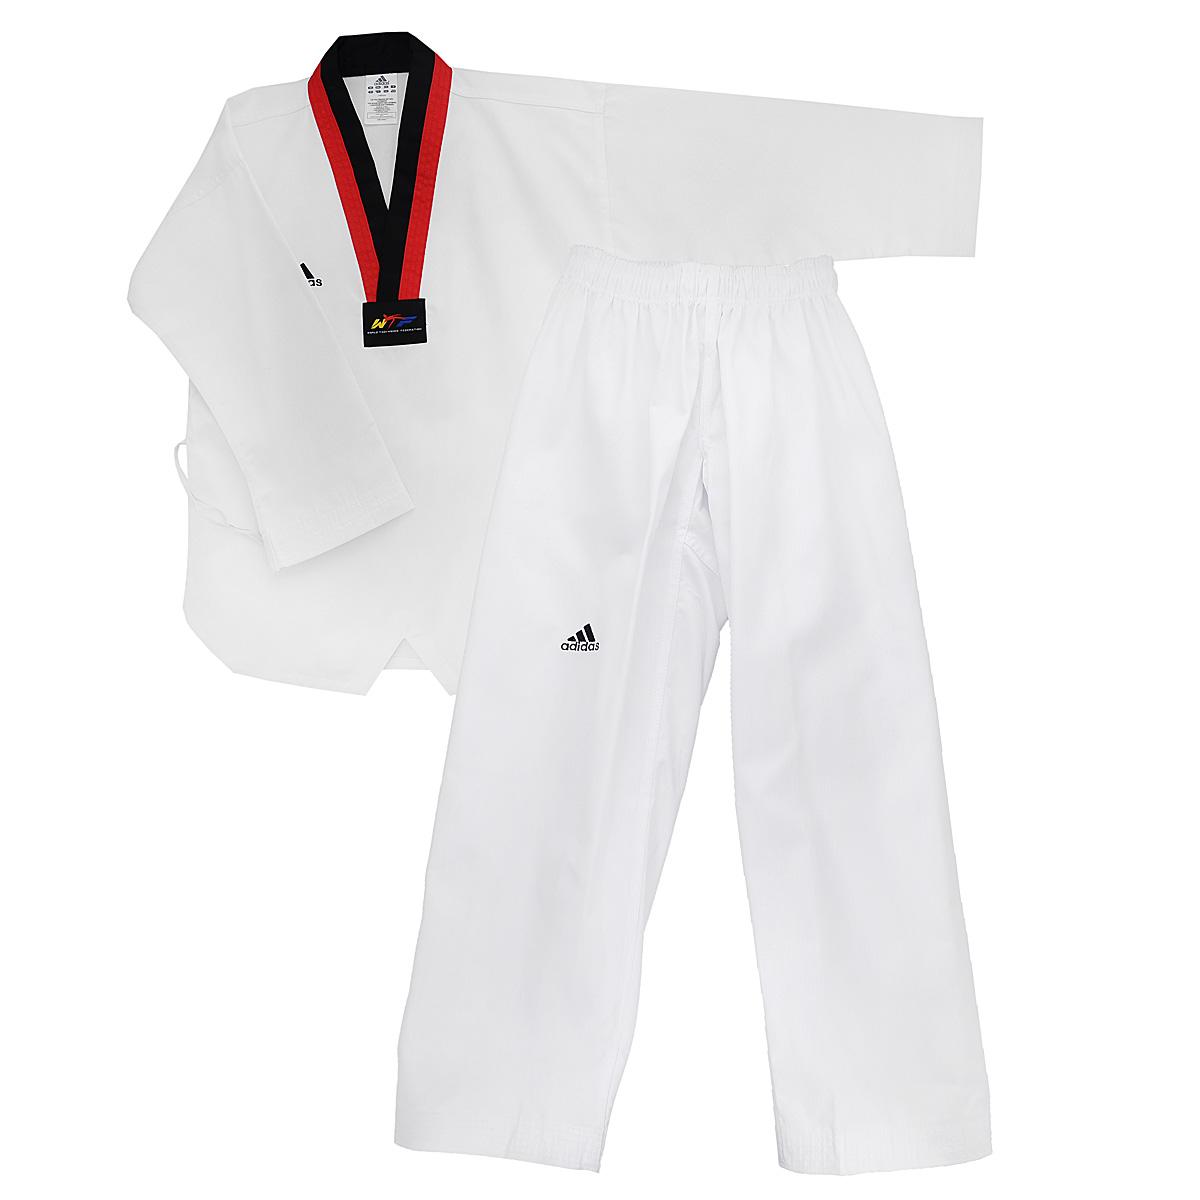 Кимоно для тхэквондо adidas Taekwondo Adi-Start, цвет: белый, черный, красный. adiTS01-WH/RD-BK. Размер 100adiTS01-WH/RD-BKКимоно для тхэквондо adidas Taekwondo Adi-Start состоит из рубашки и брюк. Просторная рубашка без пояса с V-образным вырезом горловин, боковыми разрезами и длинными рукавами изготовлена из плотного полиэстера с добавлением хлопка. Боковые швы, края рукавов и полочка укреплены дополнительными строчками. В области талии по спинке рубашка дополнена эластичной резинкой для регулирования ширины.Просторные брюки особого покроя имеют широкий эластичный пояс, регулируемый скрытым шнурком. Низ брючин с внутренней стороны укреплен дополнительными строчками.Кимоно рекомендуется для тренировок в зале.